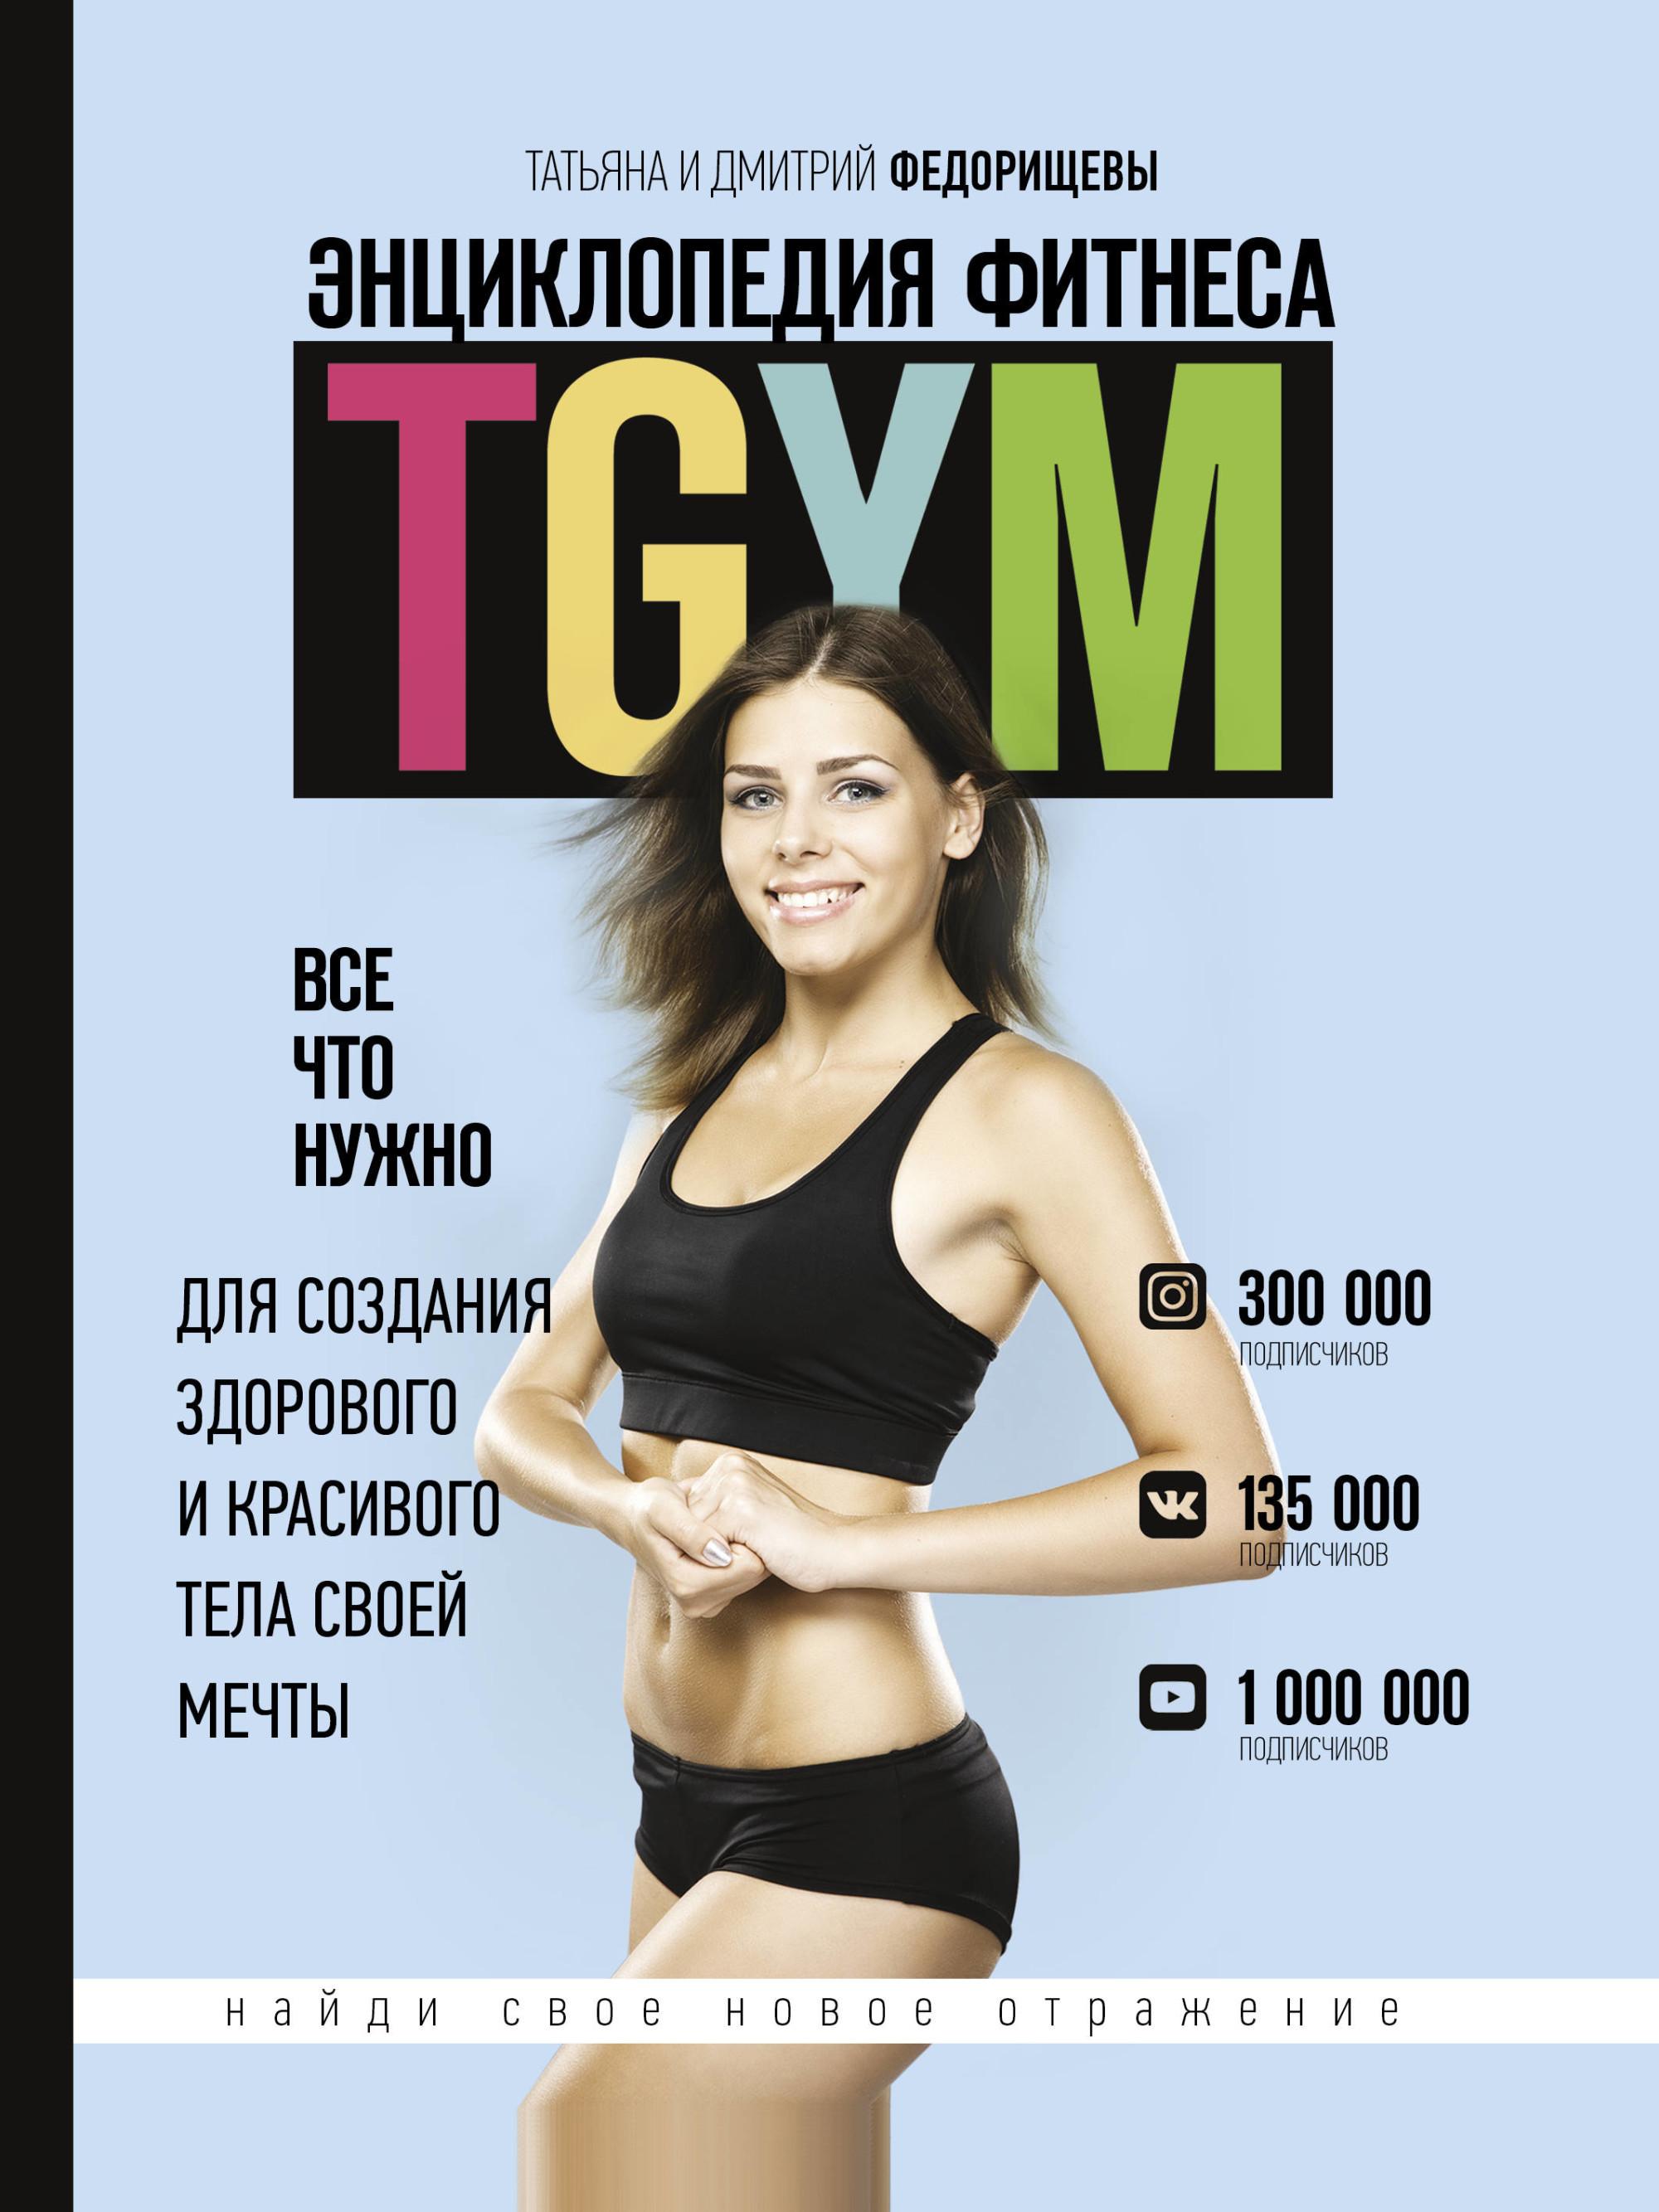 Энциклопедия фитнеса. TGYM